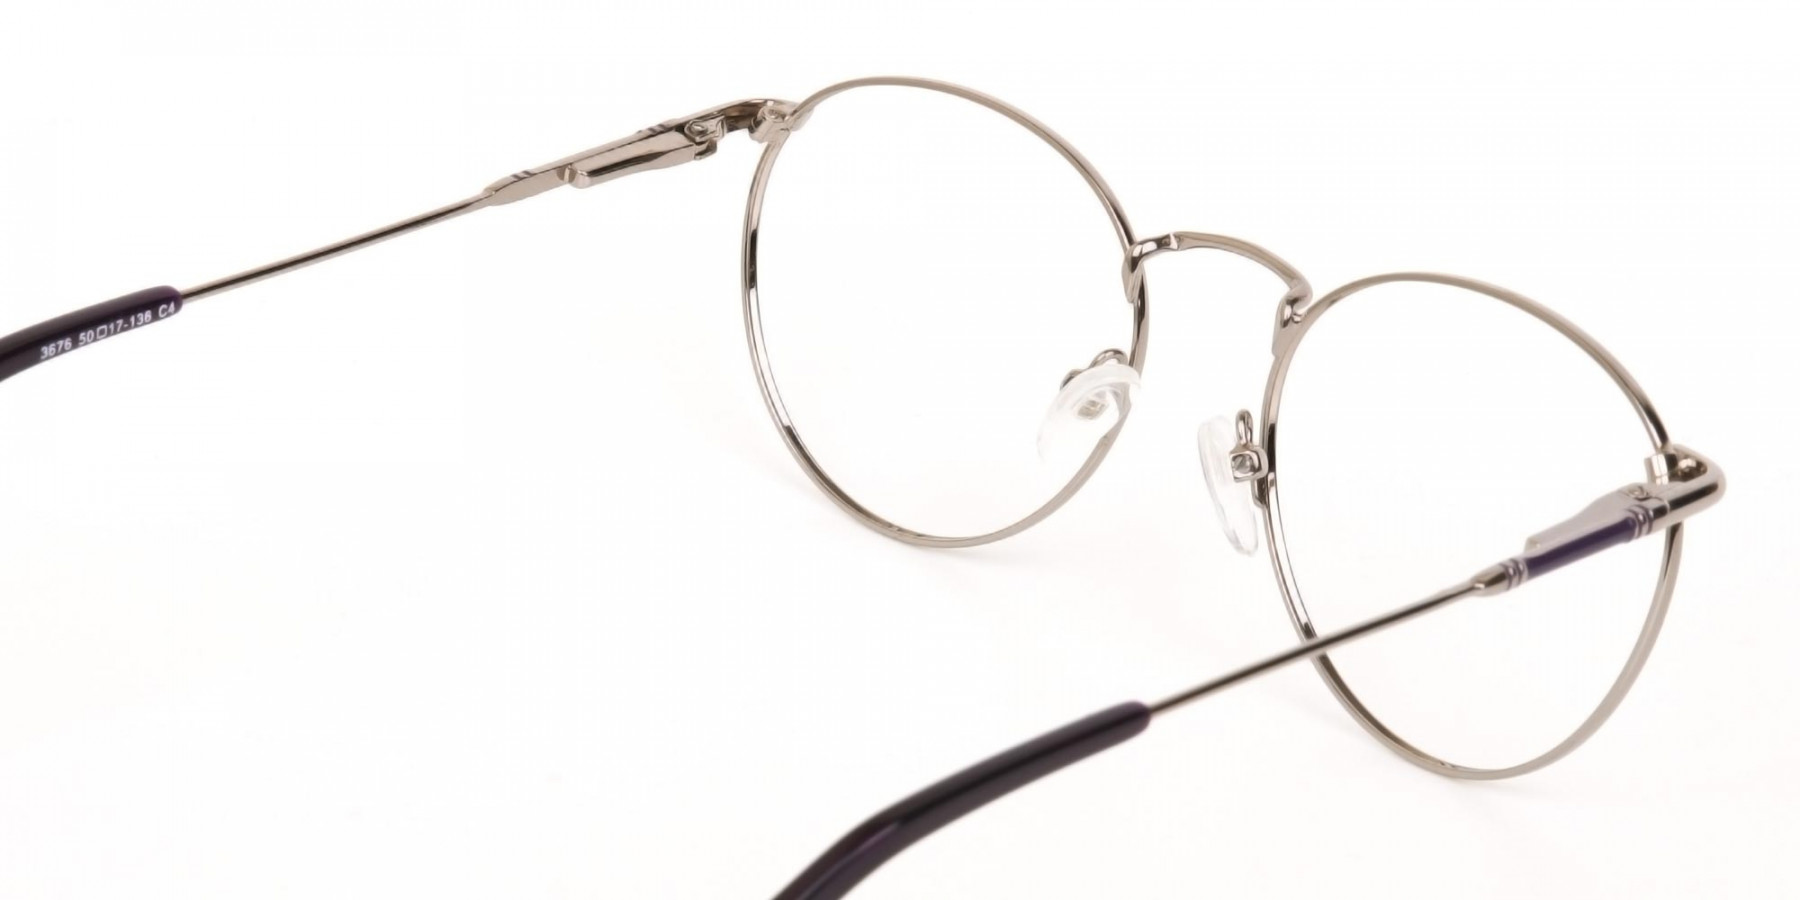 Raisin Purple & Silver Round Glasses in Metal -1